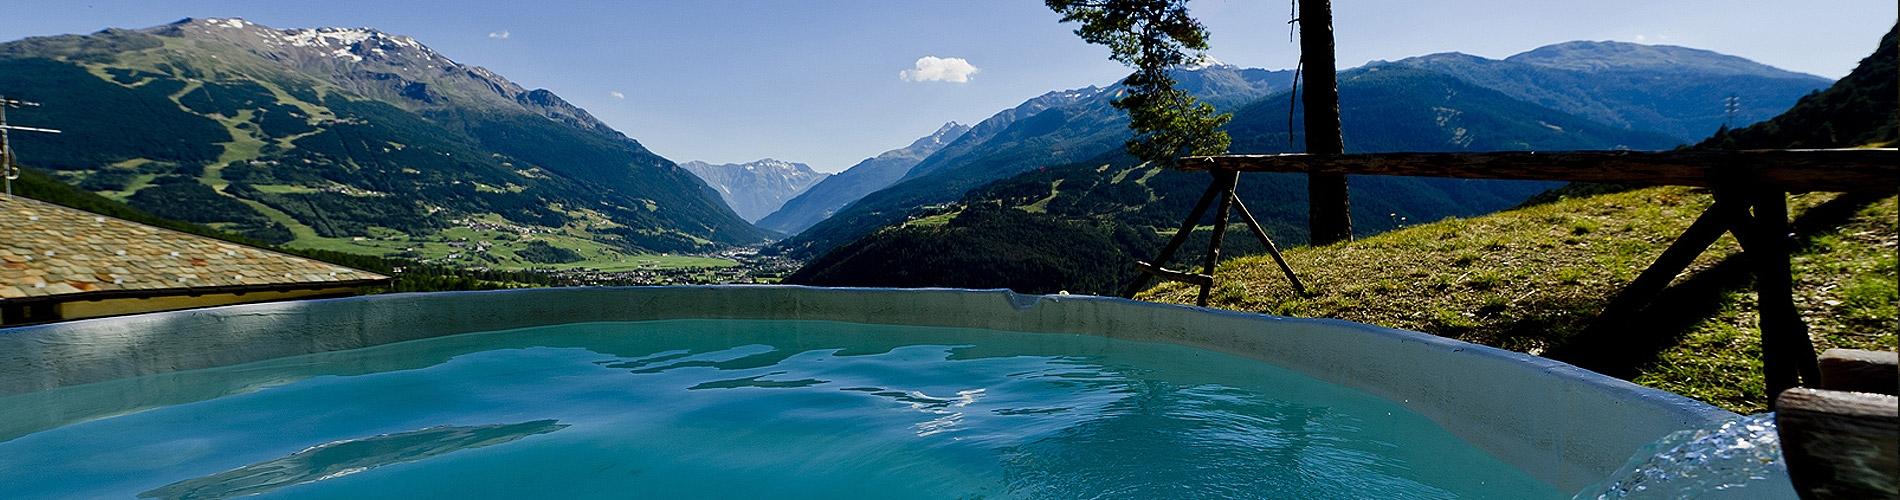 QC Terme Bagni di Bormio: struttura ideale per relax e benessere ...